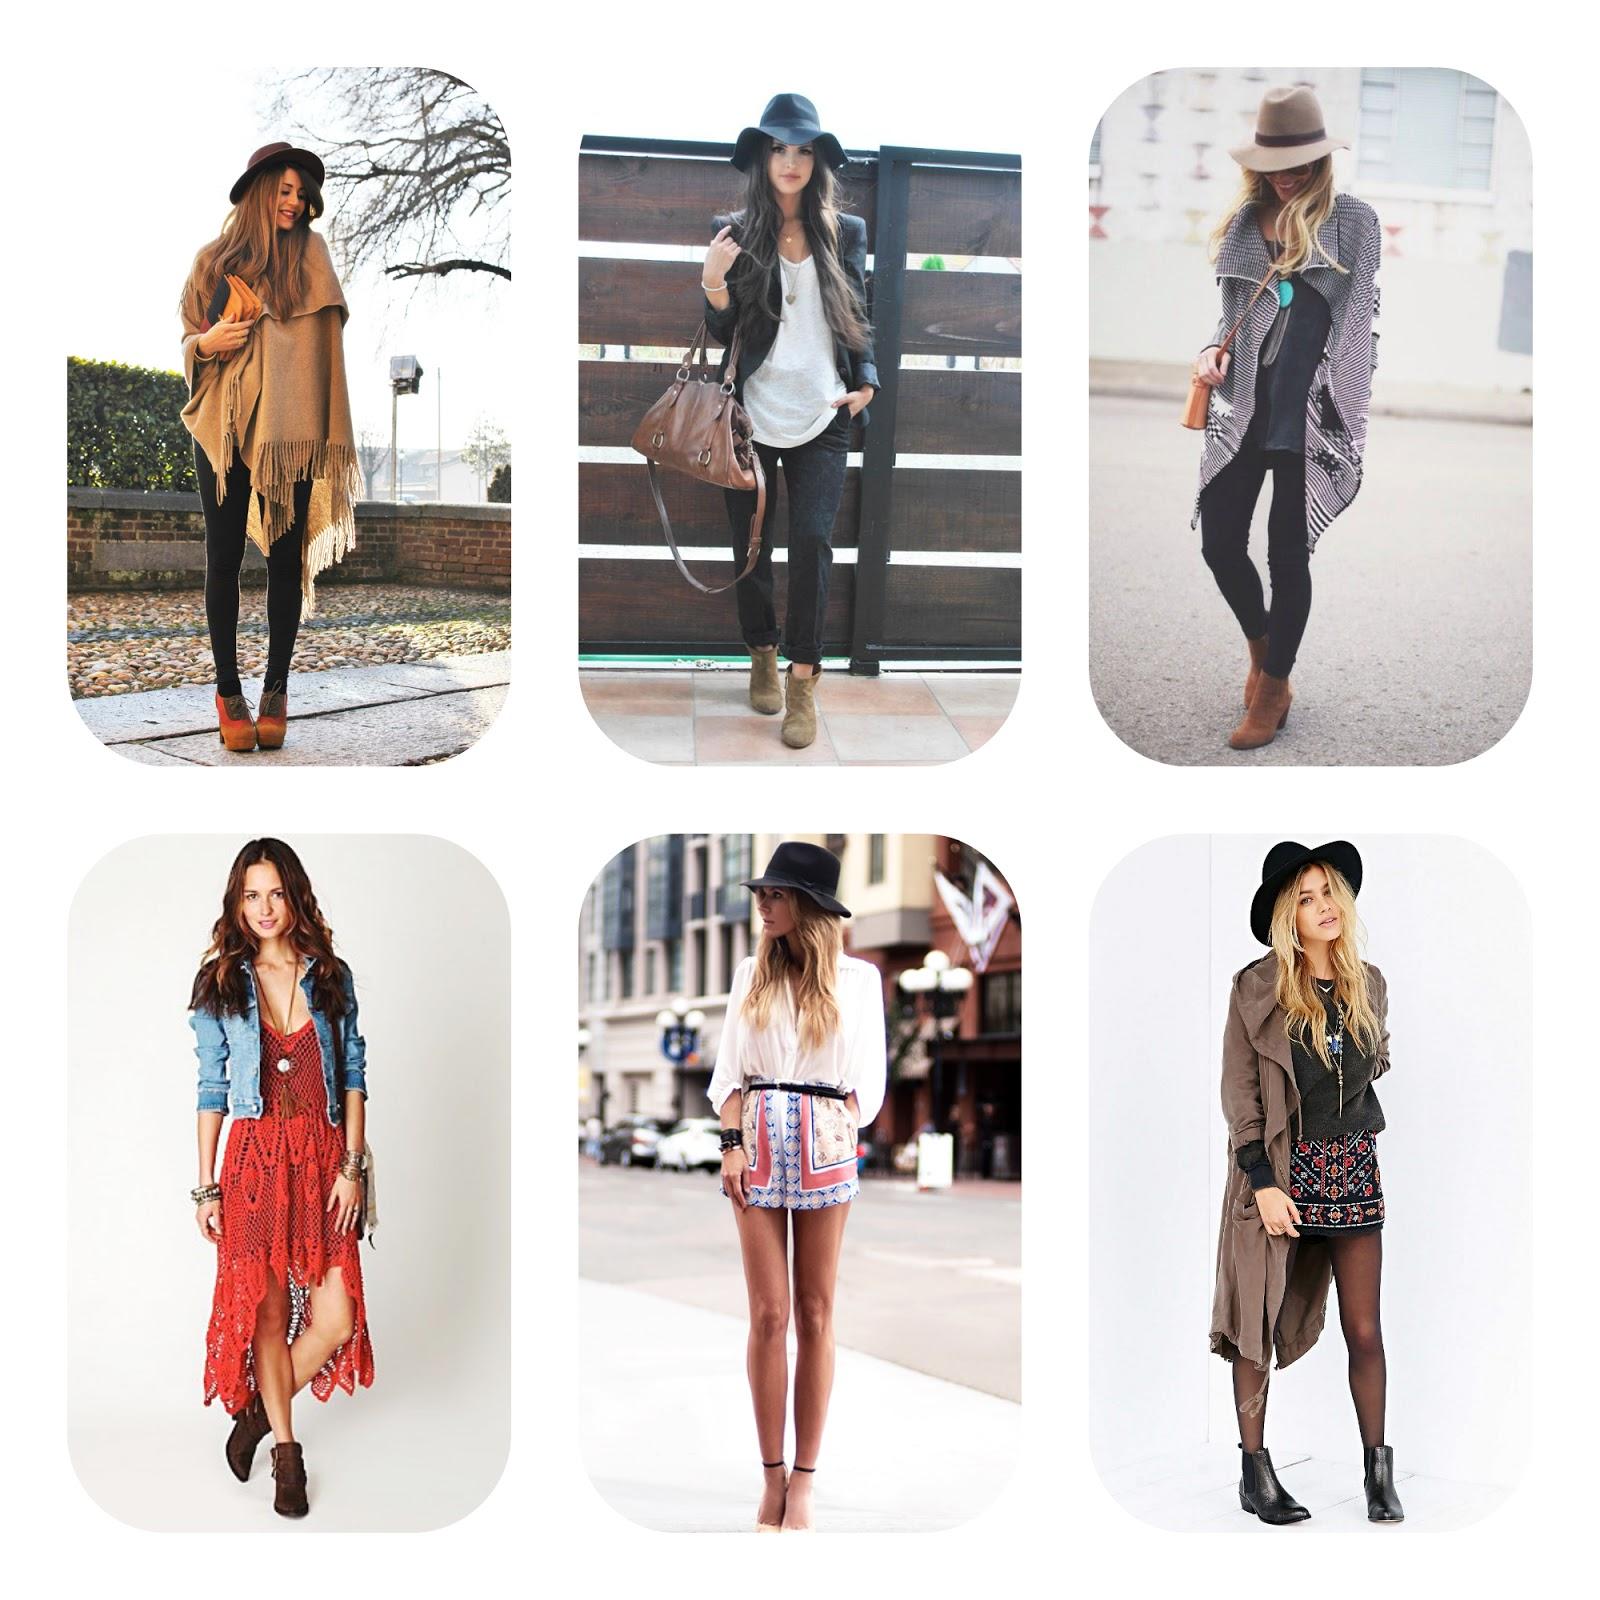 878731f2f VYJADRI SVOJU OSOBNOSŤ BOHO ŠTÝLOM | Najnovšie módne trendy vo svete ...